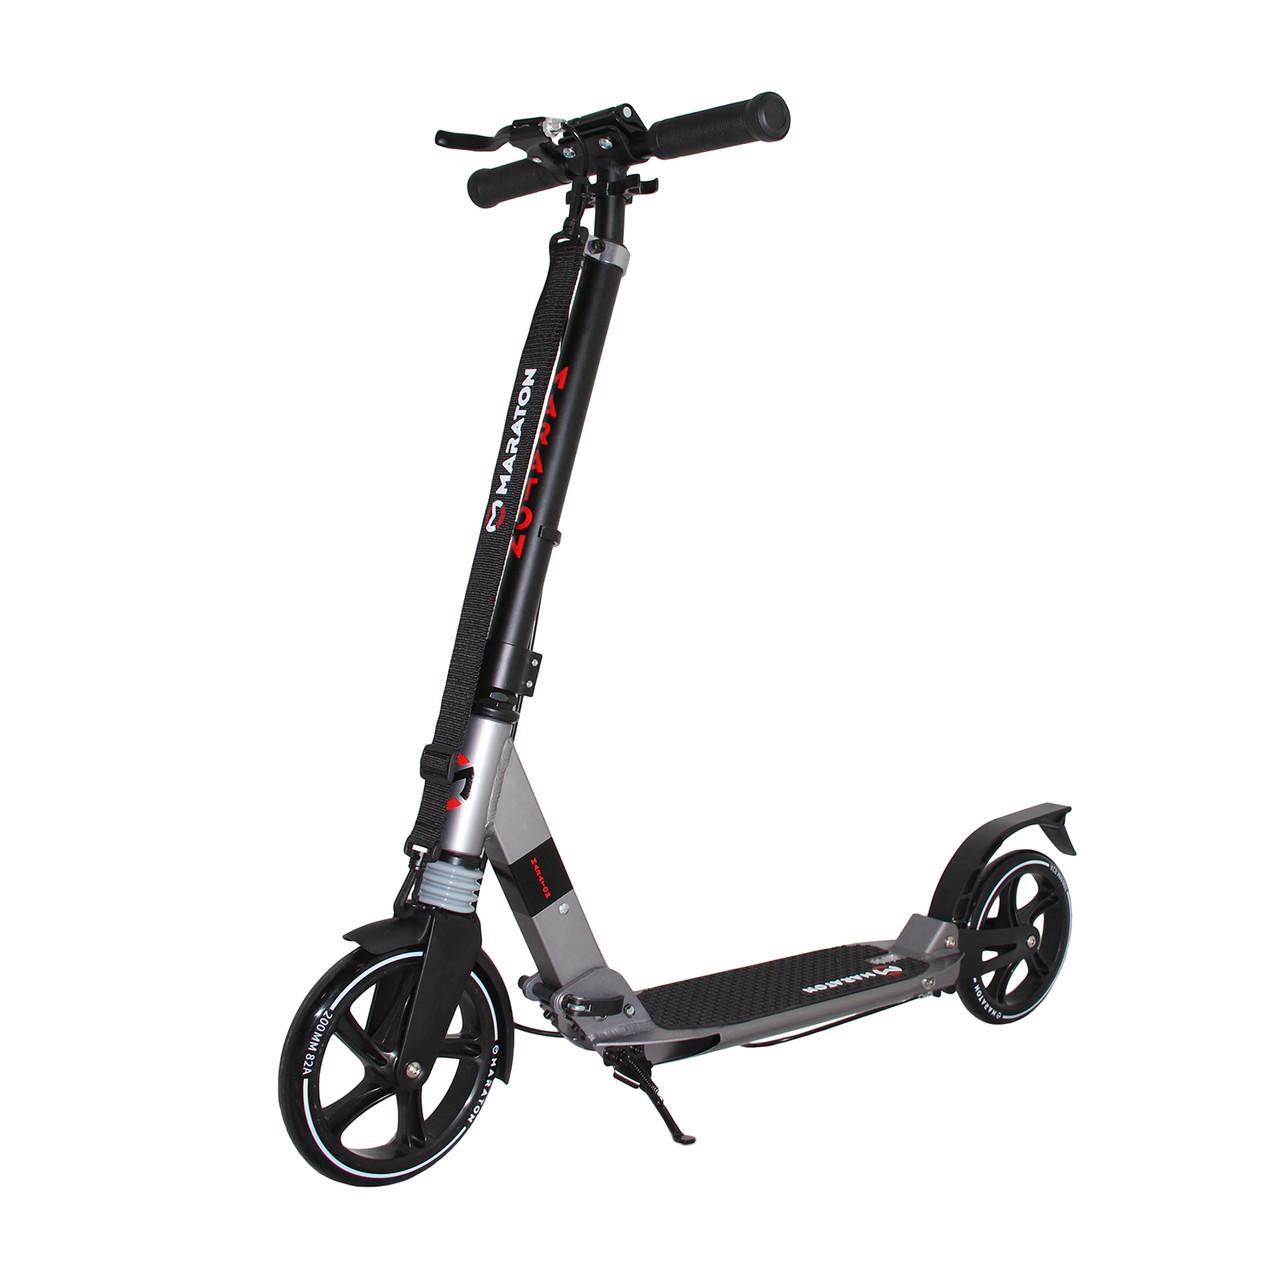 Самокат двухколесный Maraton Strider трюковый с алюминиевой рамой и ручным тормозом (черно-серый)